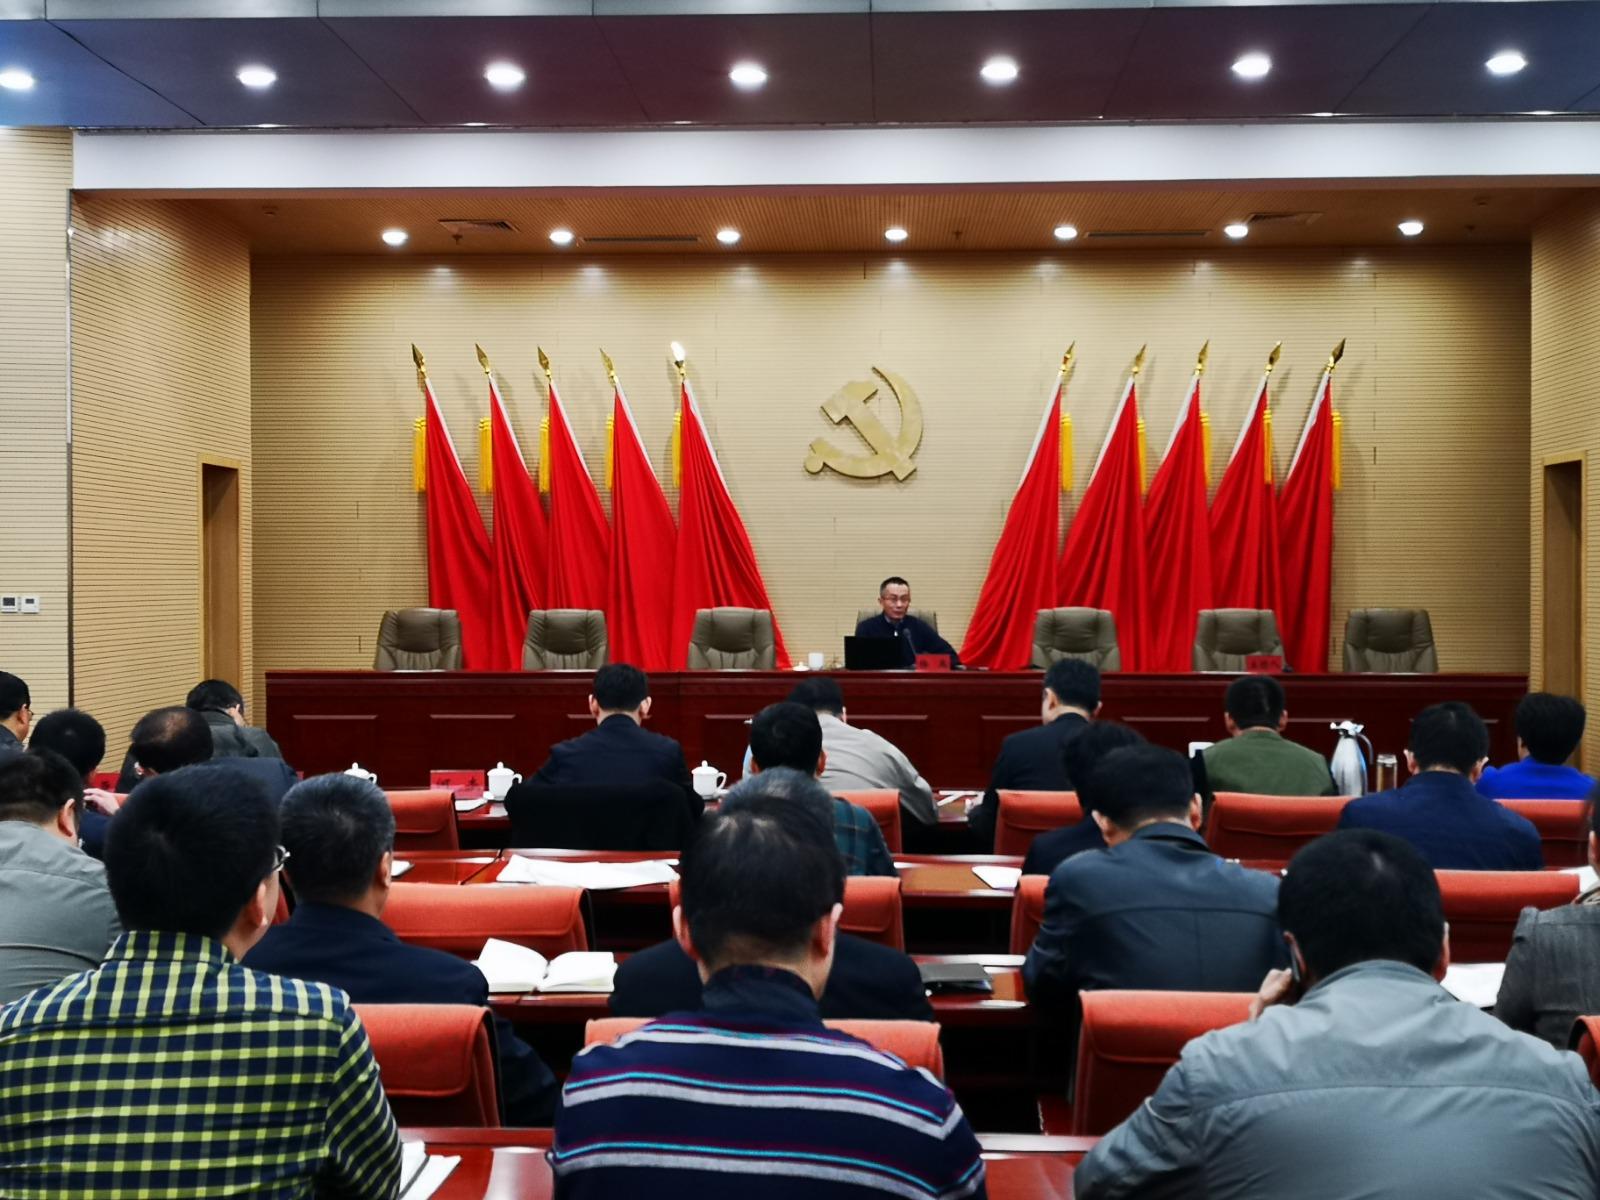 内蒙古发展改革论坛暨第六期学习大讲堂在呼和浩特召开